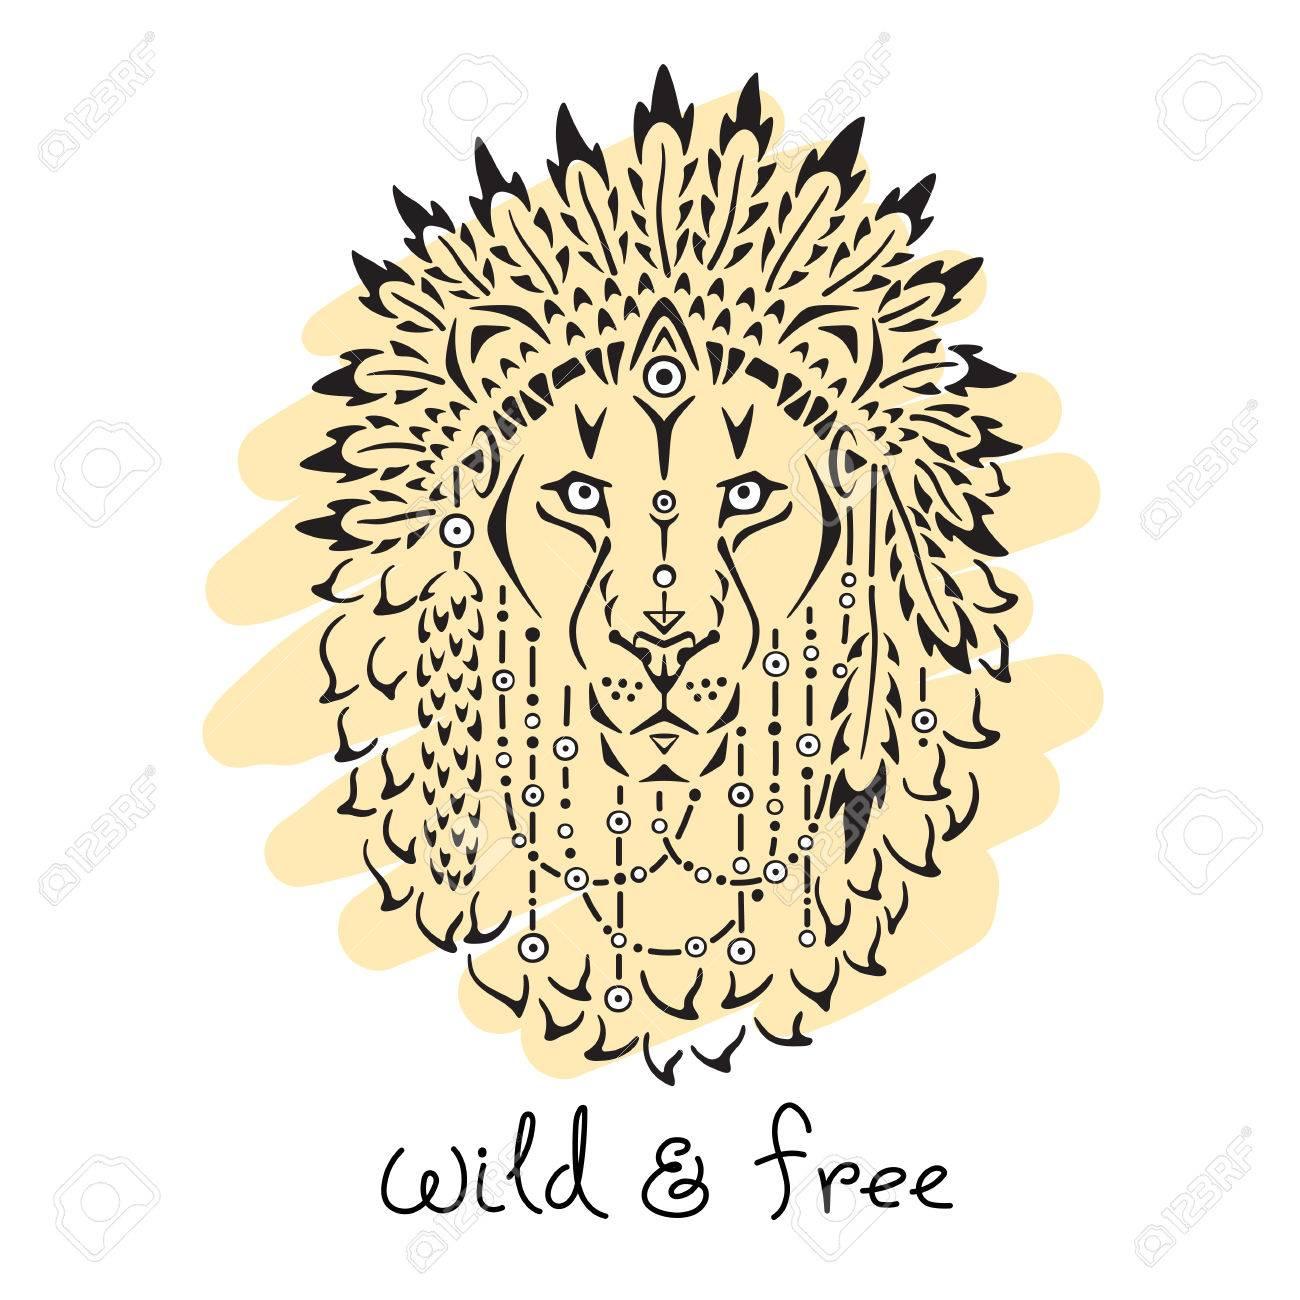 戦争のボンネット、ライオン手描き動物イラスト、ネイティブ